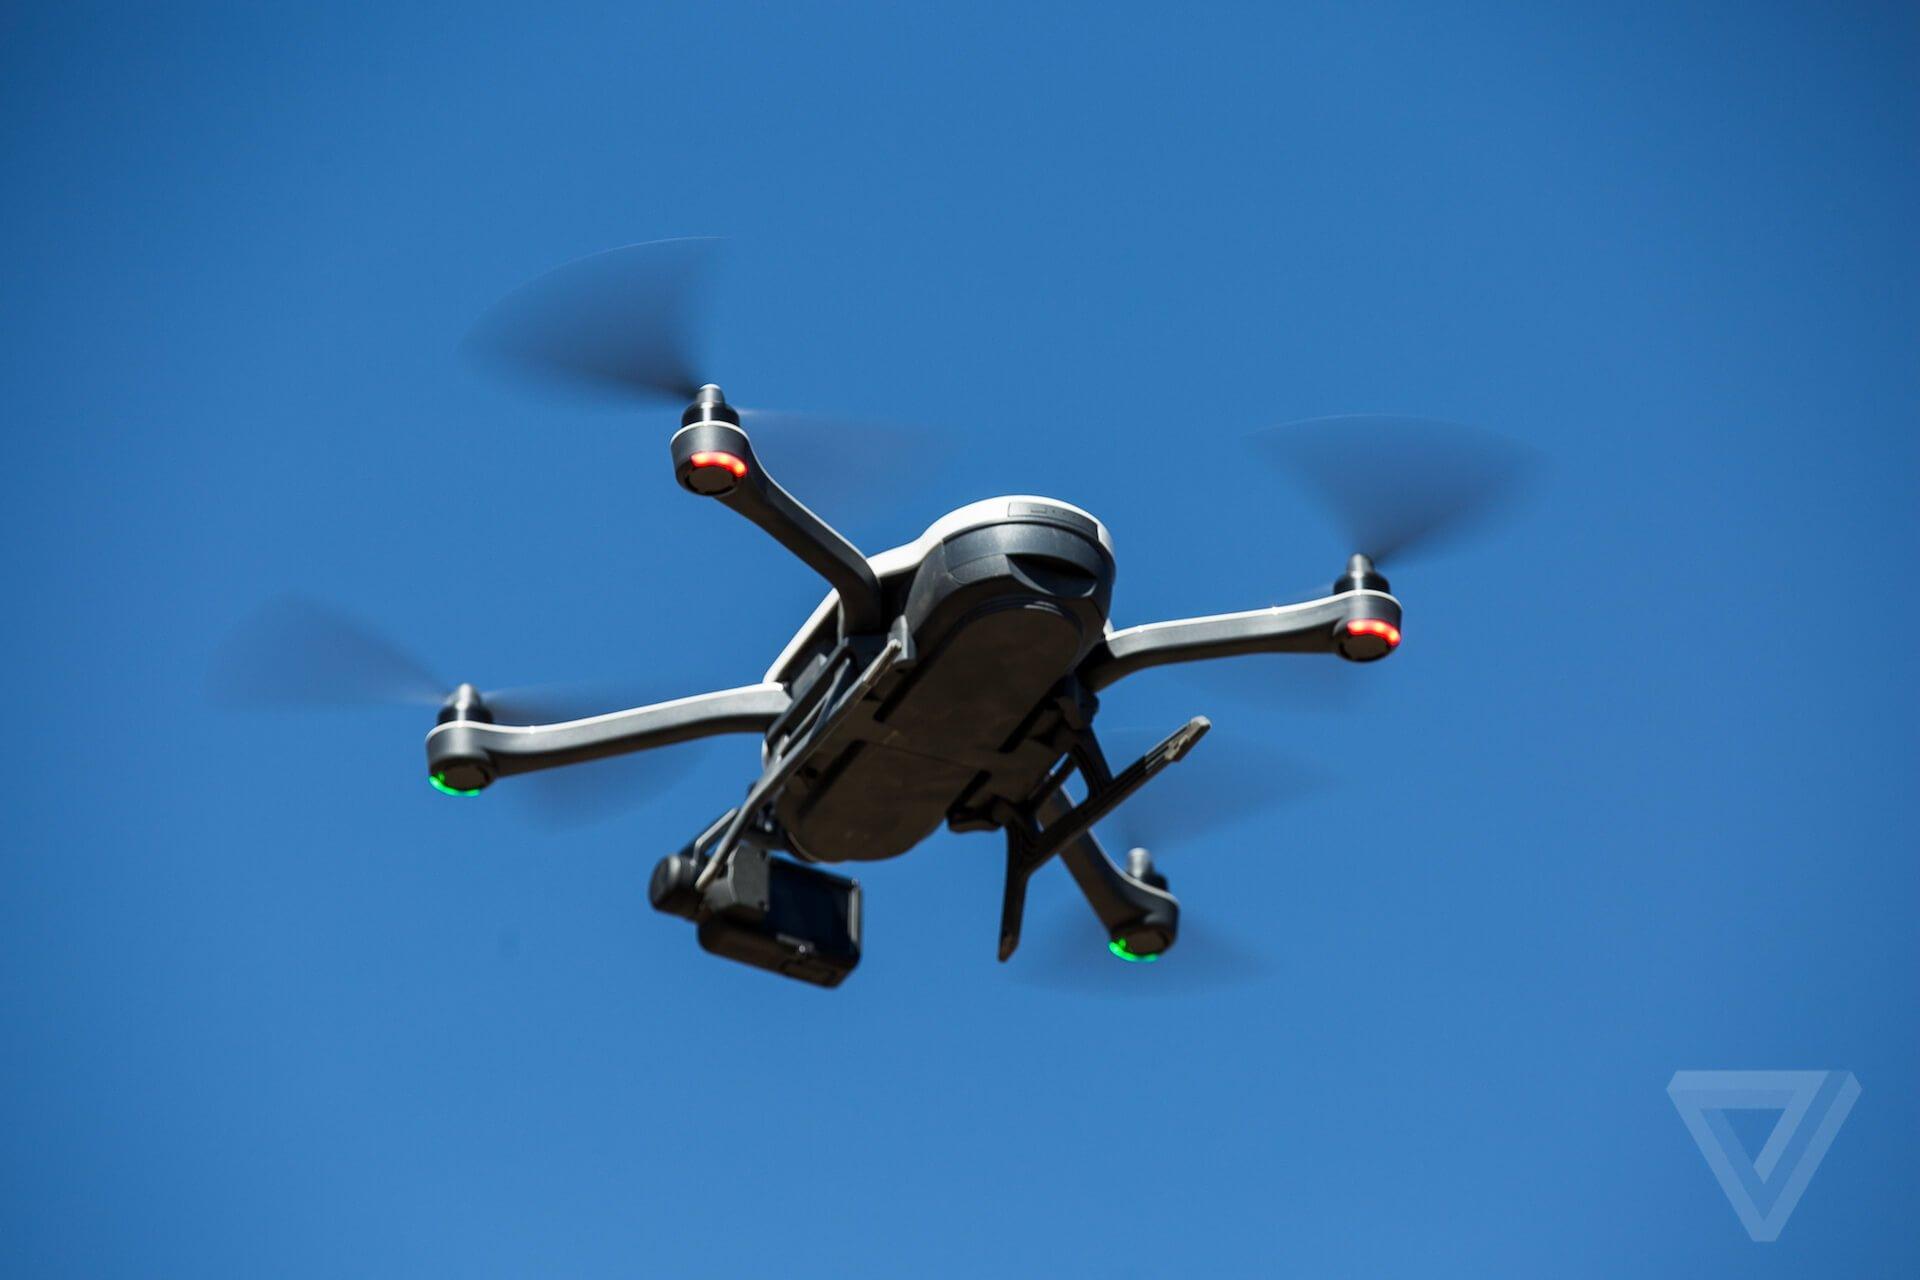 gopro karma drone 8924.0.0